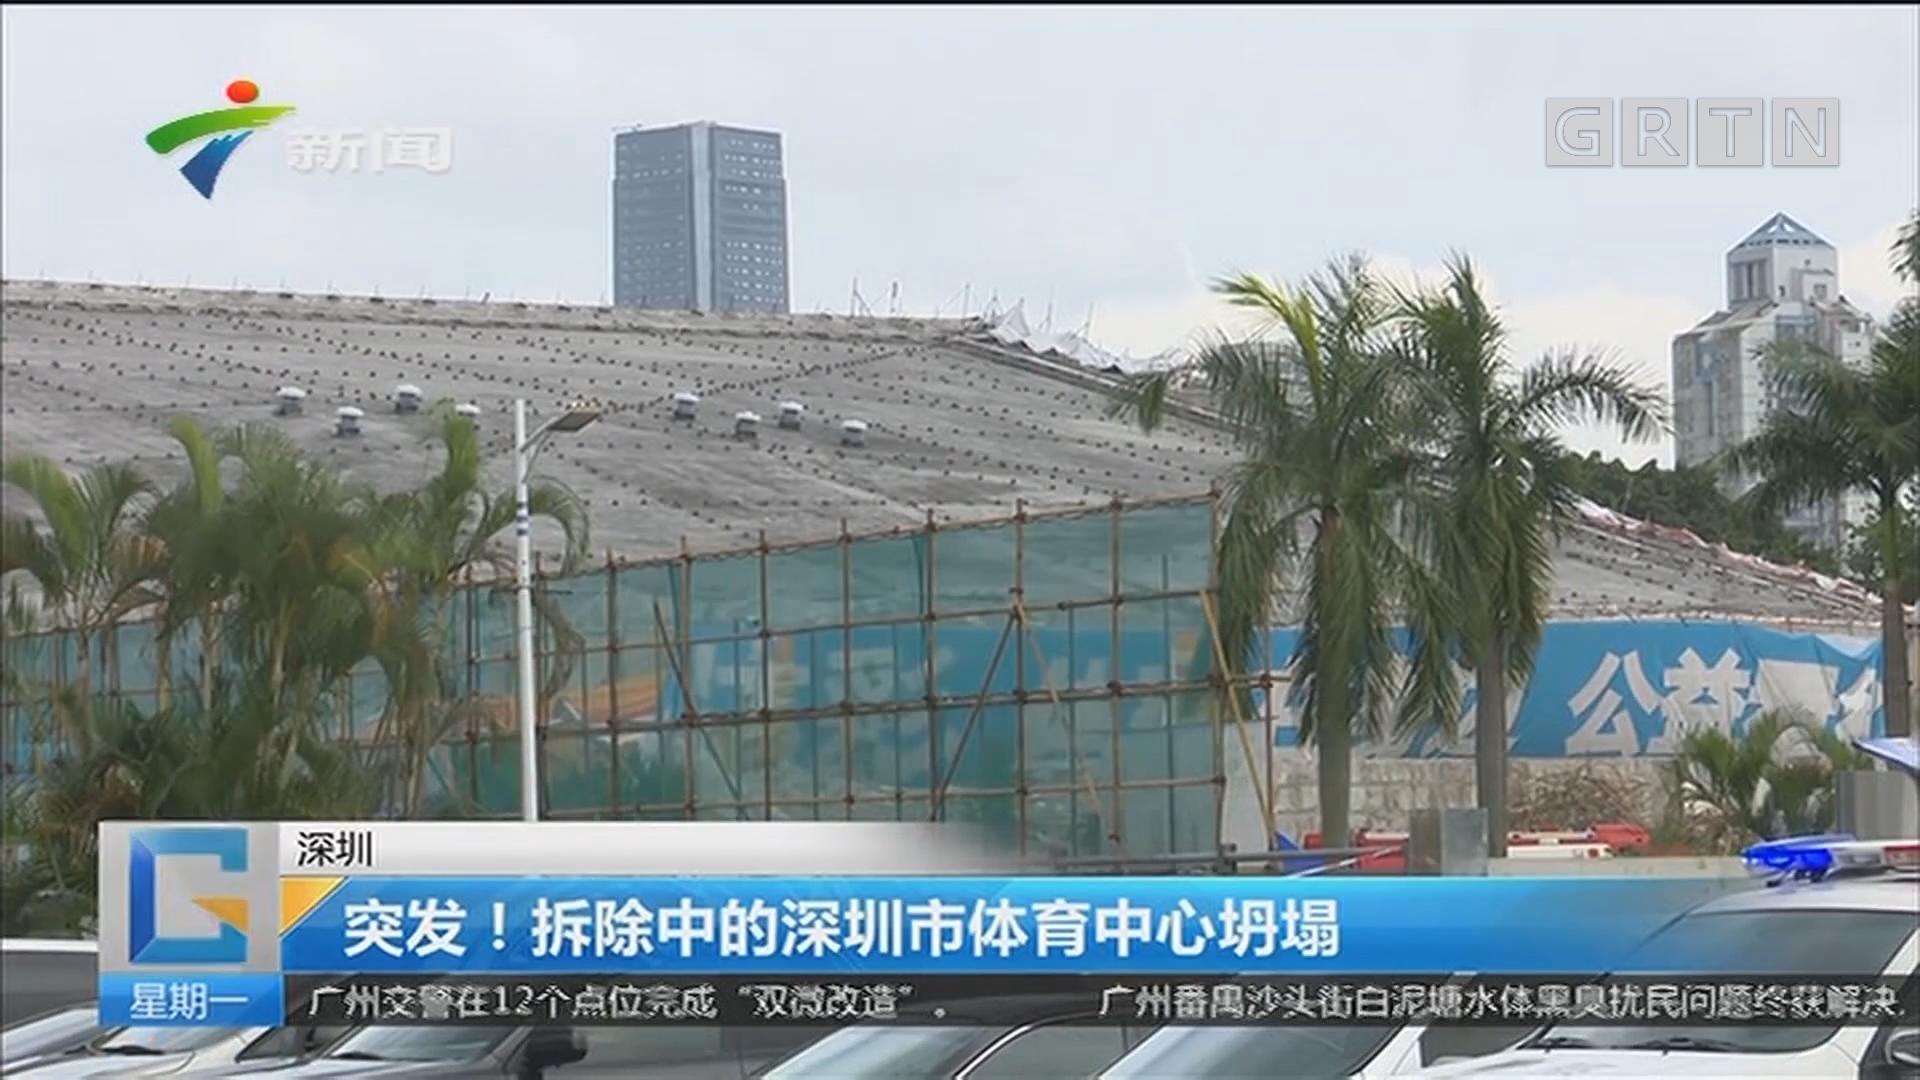 深圳:突发!拆除中的深圳市体育中心坍塌